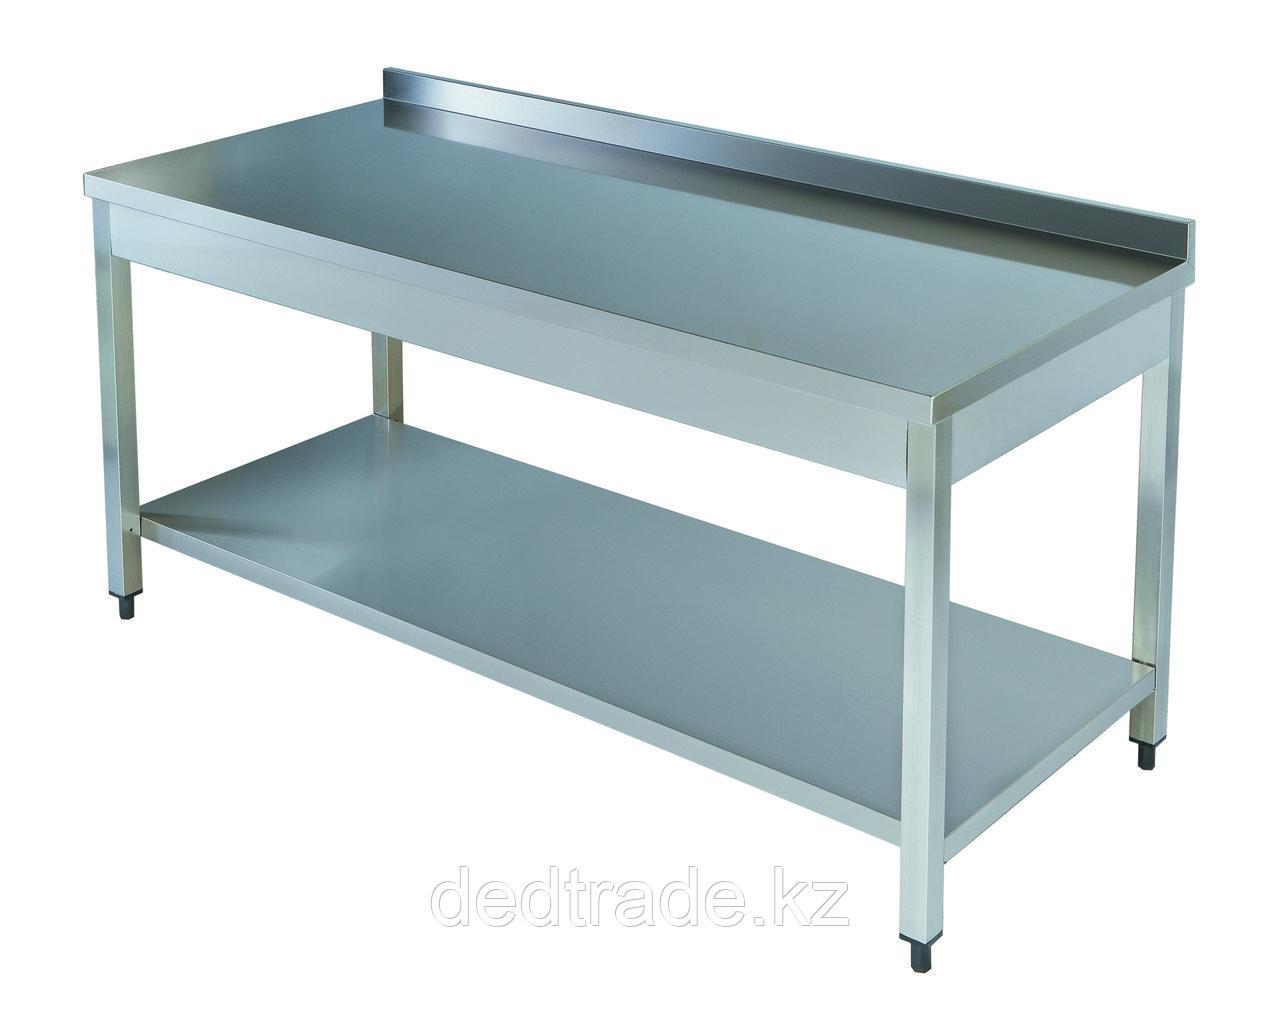 Рабочий стол с полкой нержавеющая сталь Размеры 1400*700*850 мм